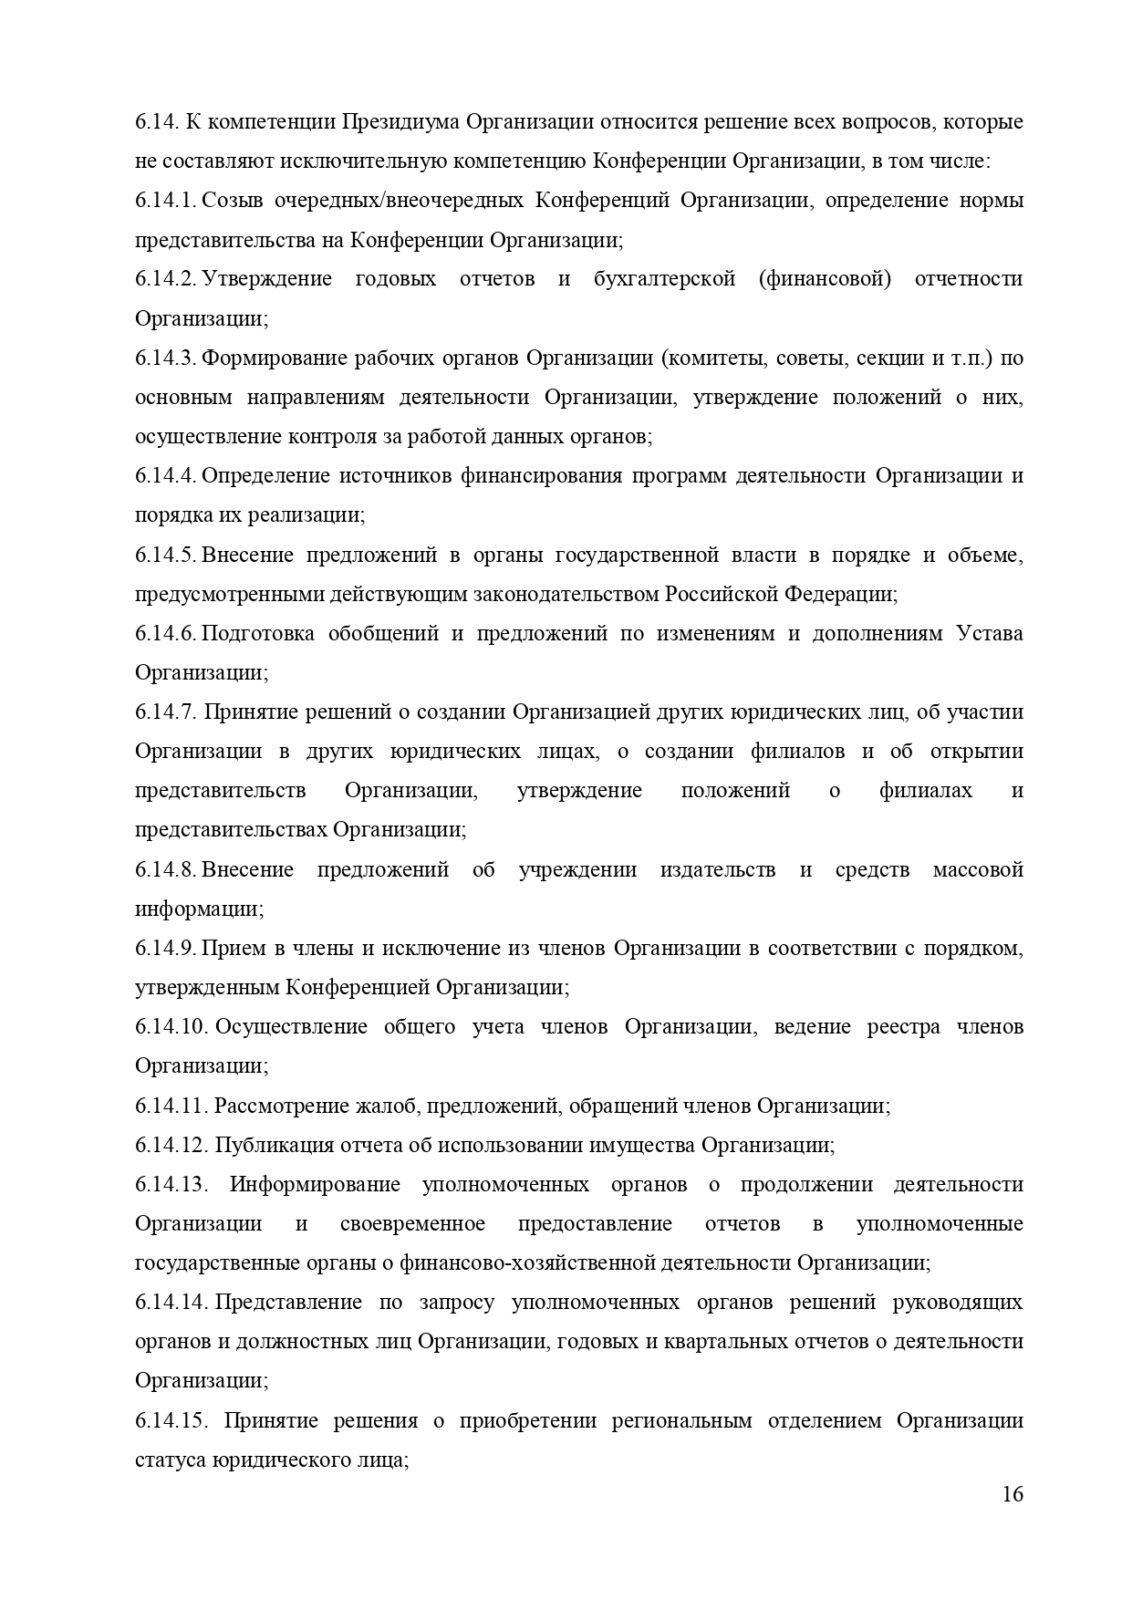 ustav_GKR_page-0016